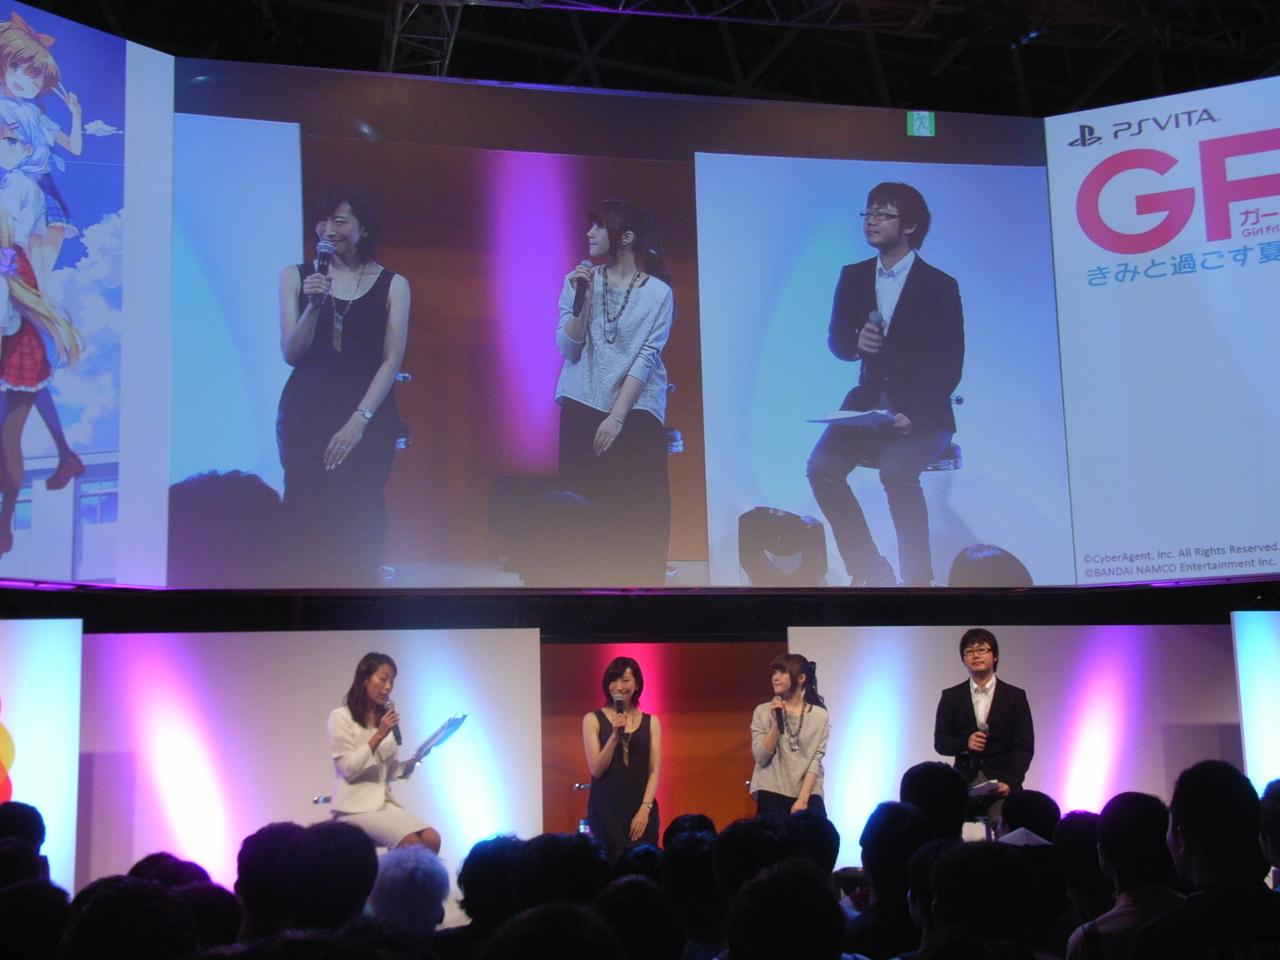 ステージには名塚香織さん、佐藤利奈さん、プロデューサー・境野伸之氏が登壇